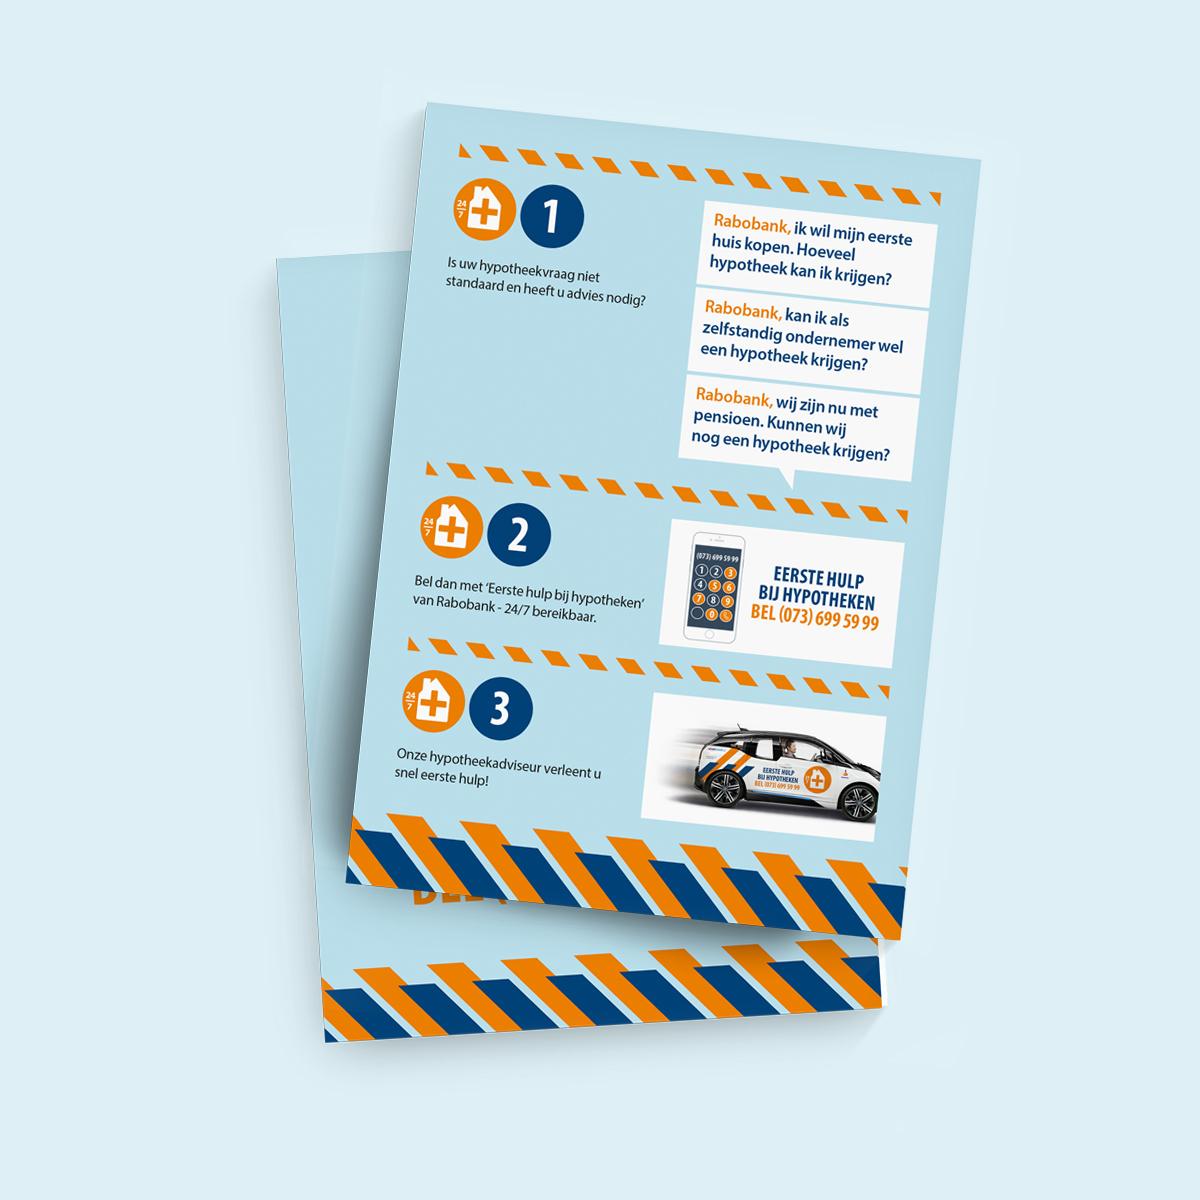 Flyer 'Eerste hulp bij hypotheken' Rabobank